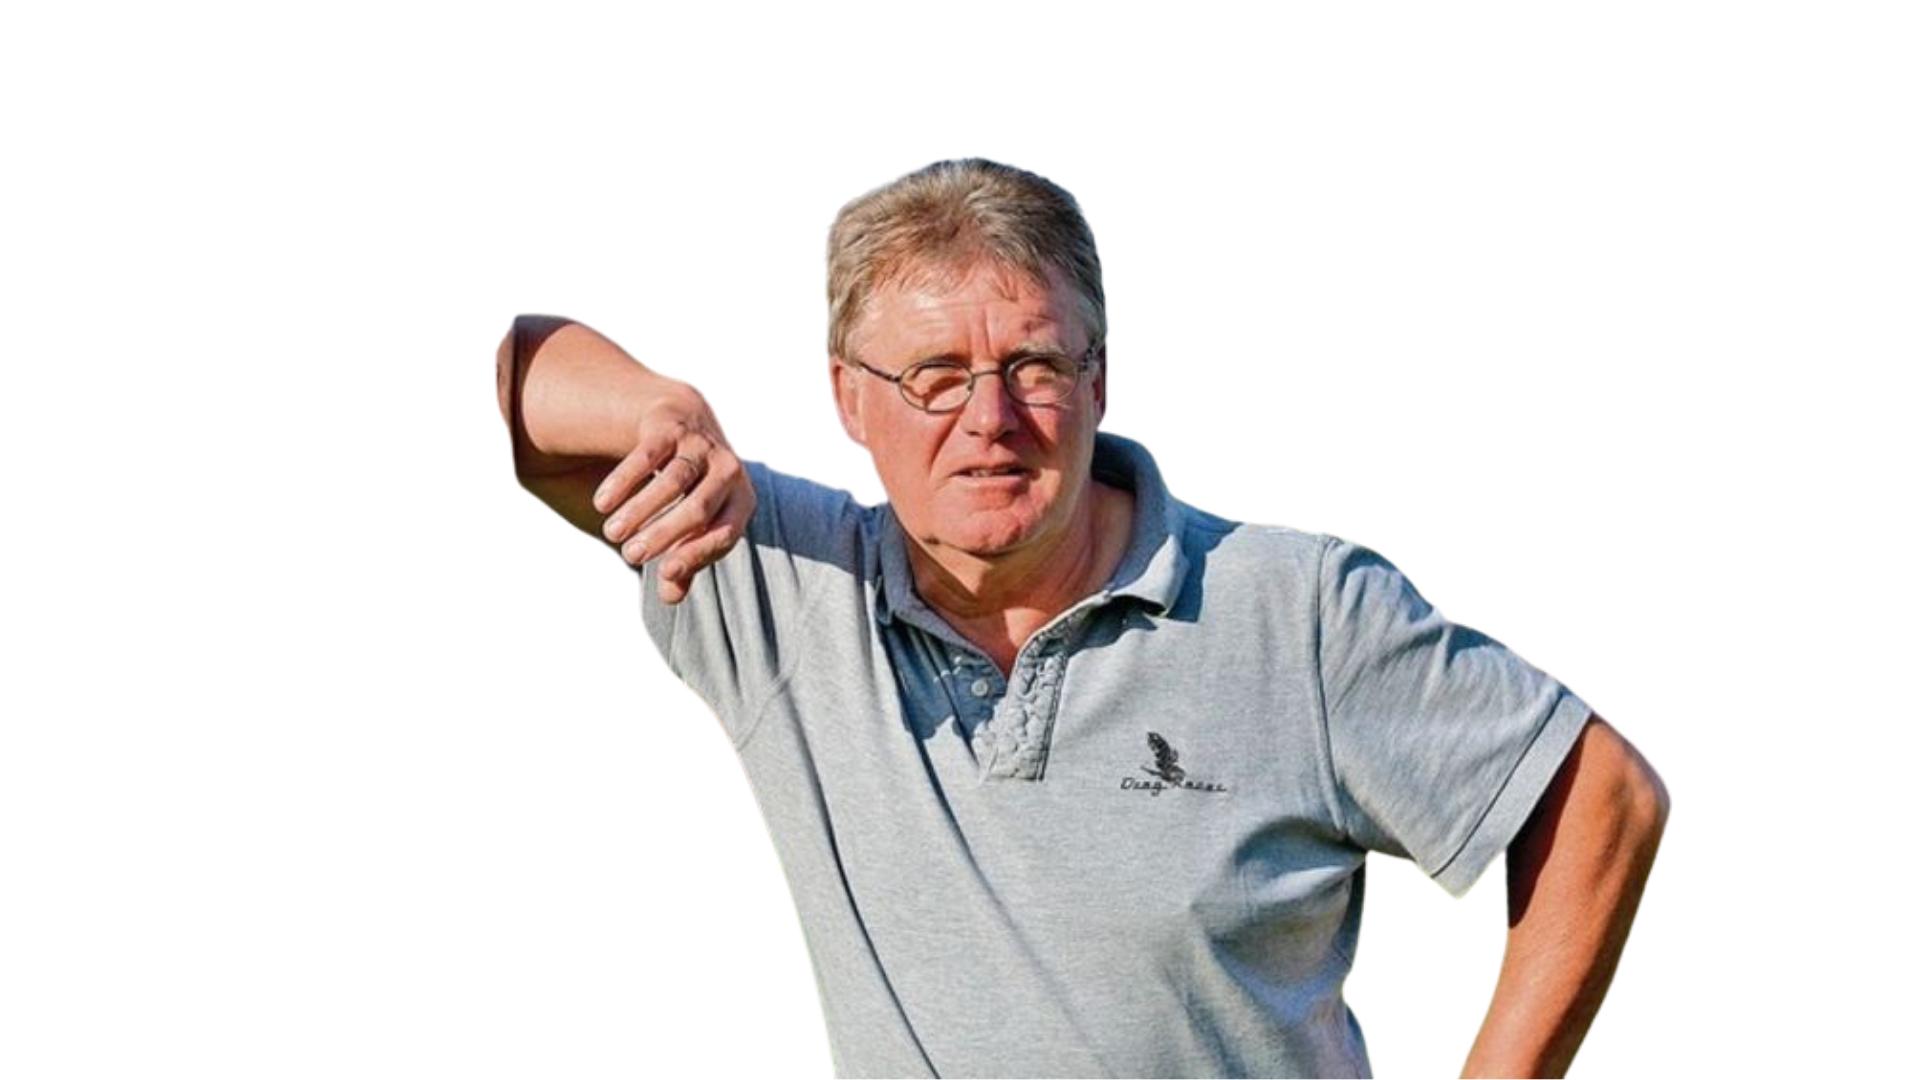 Reinhard Humbracht